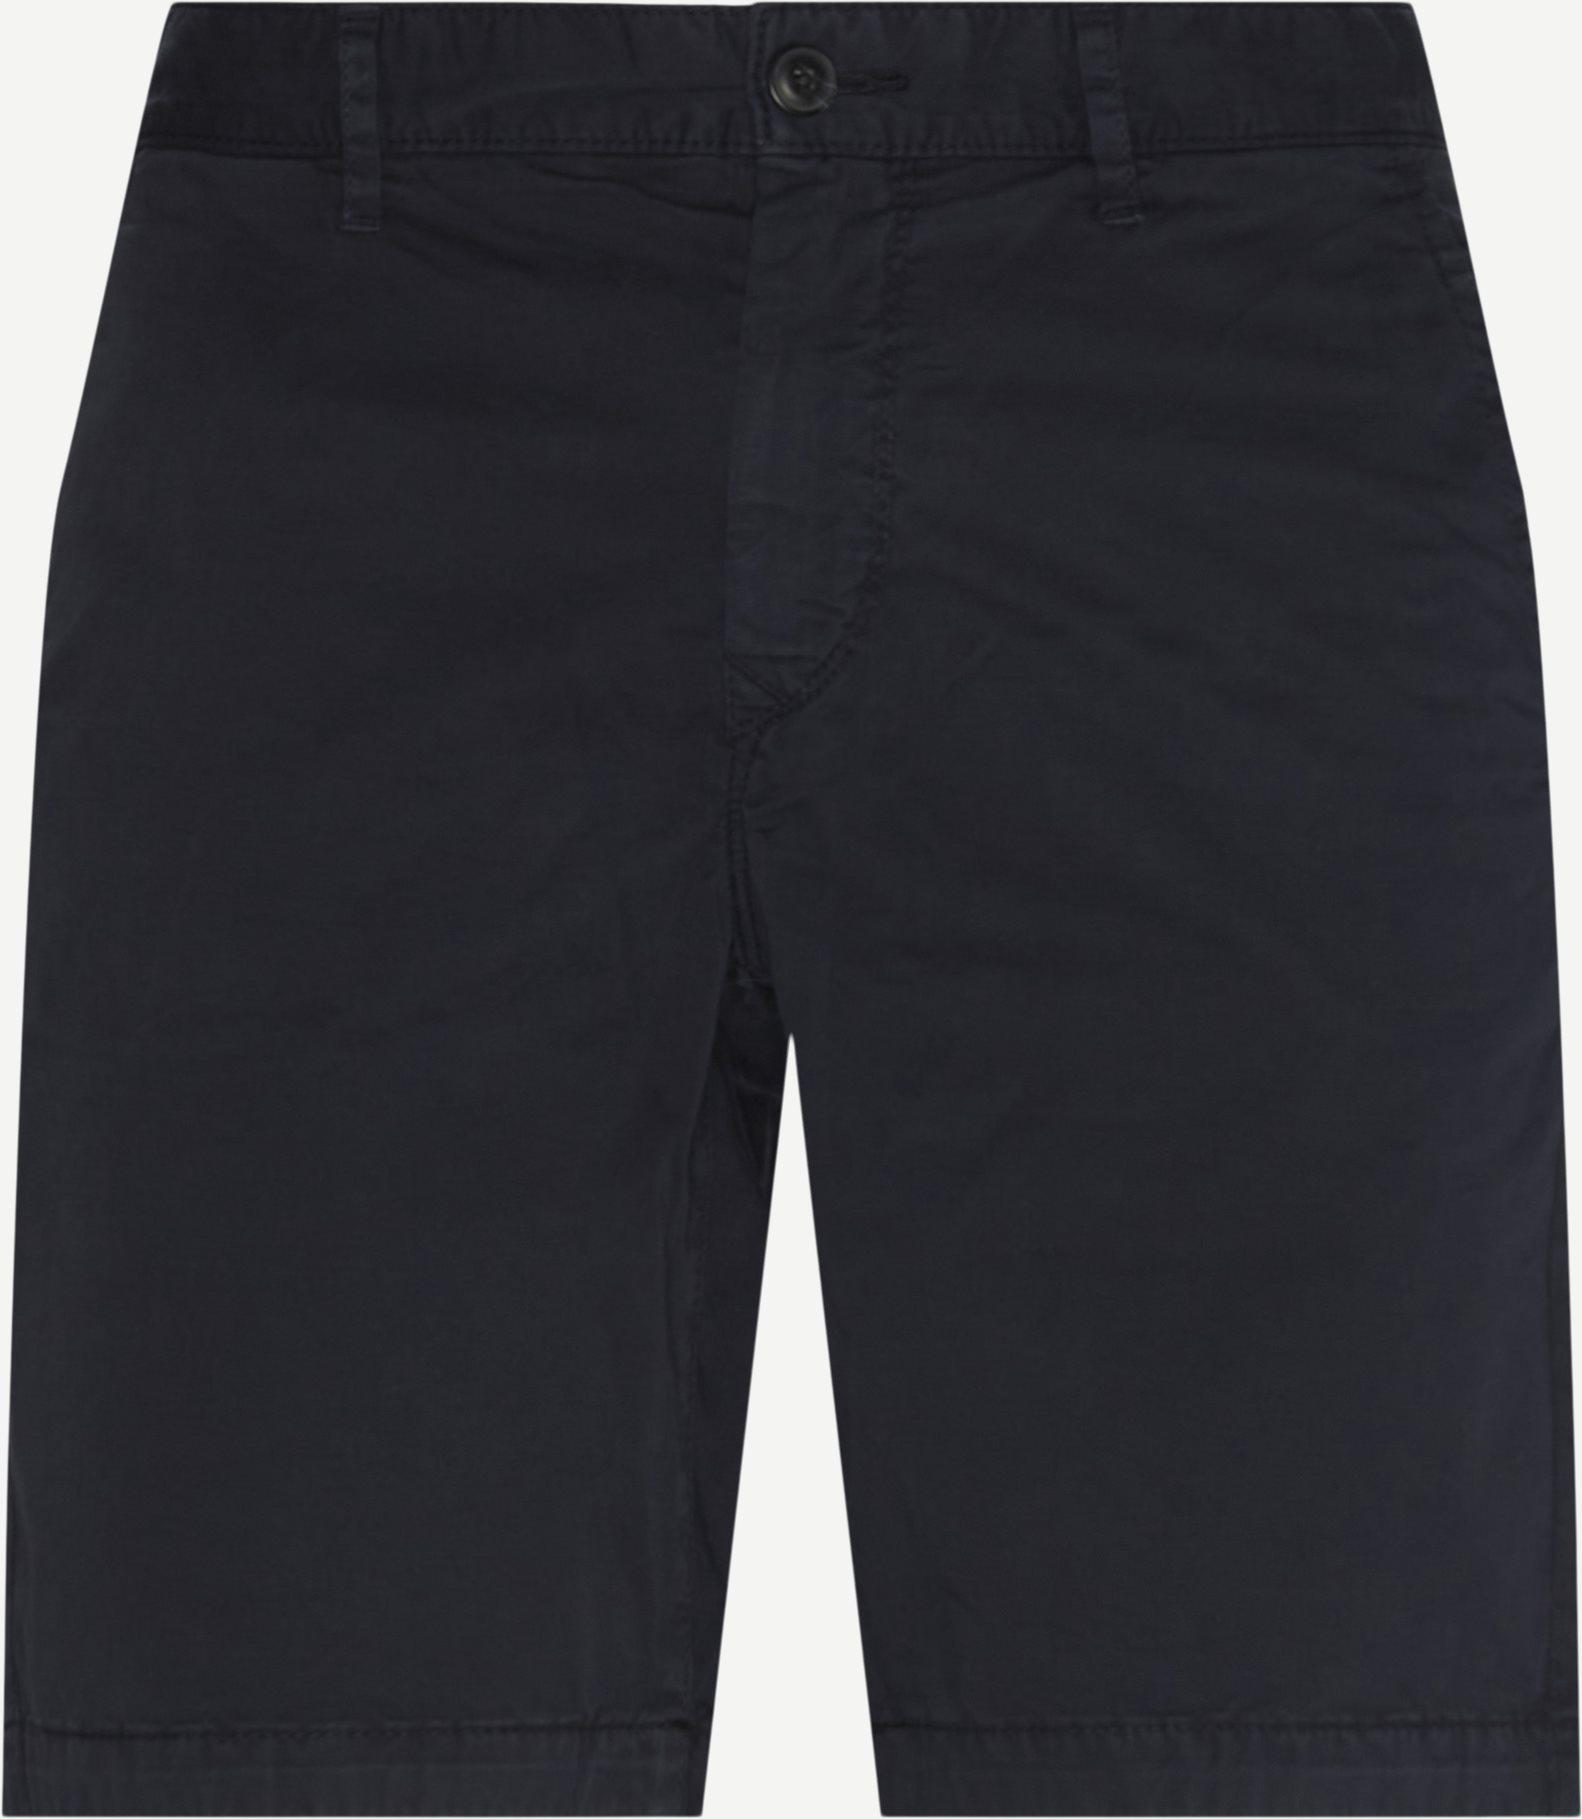 Shorts - Slim fit - Blå